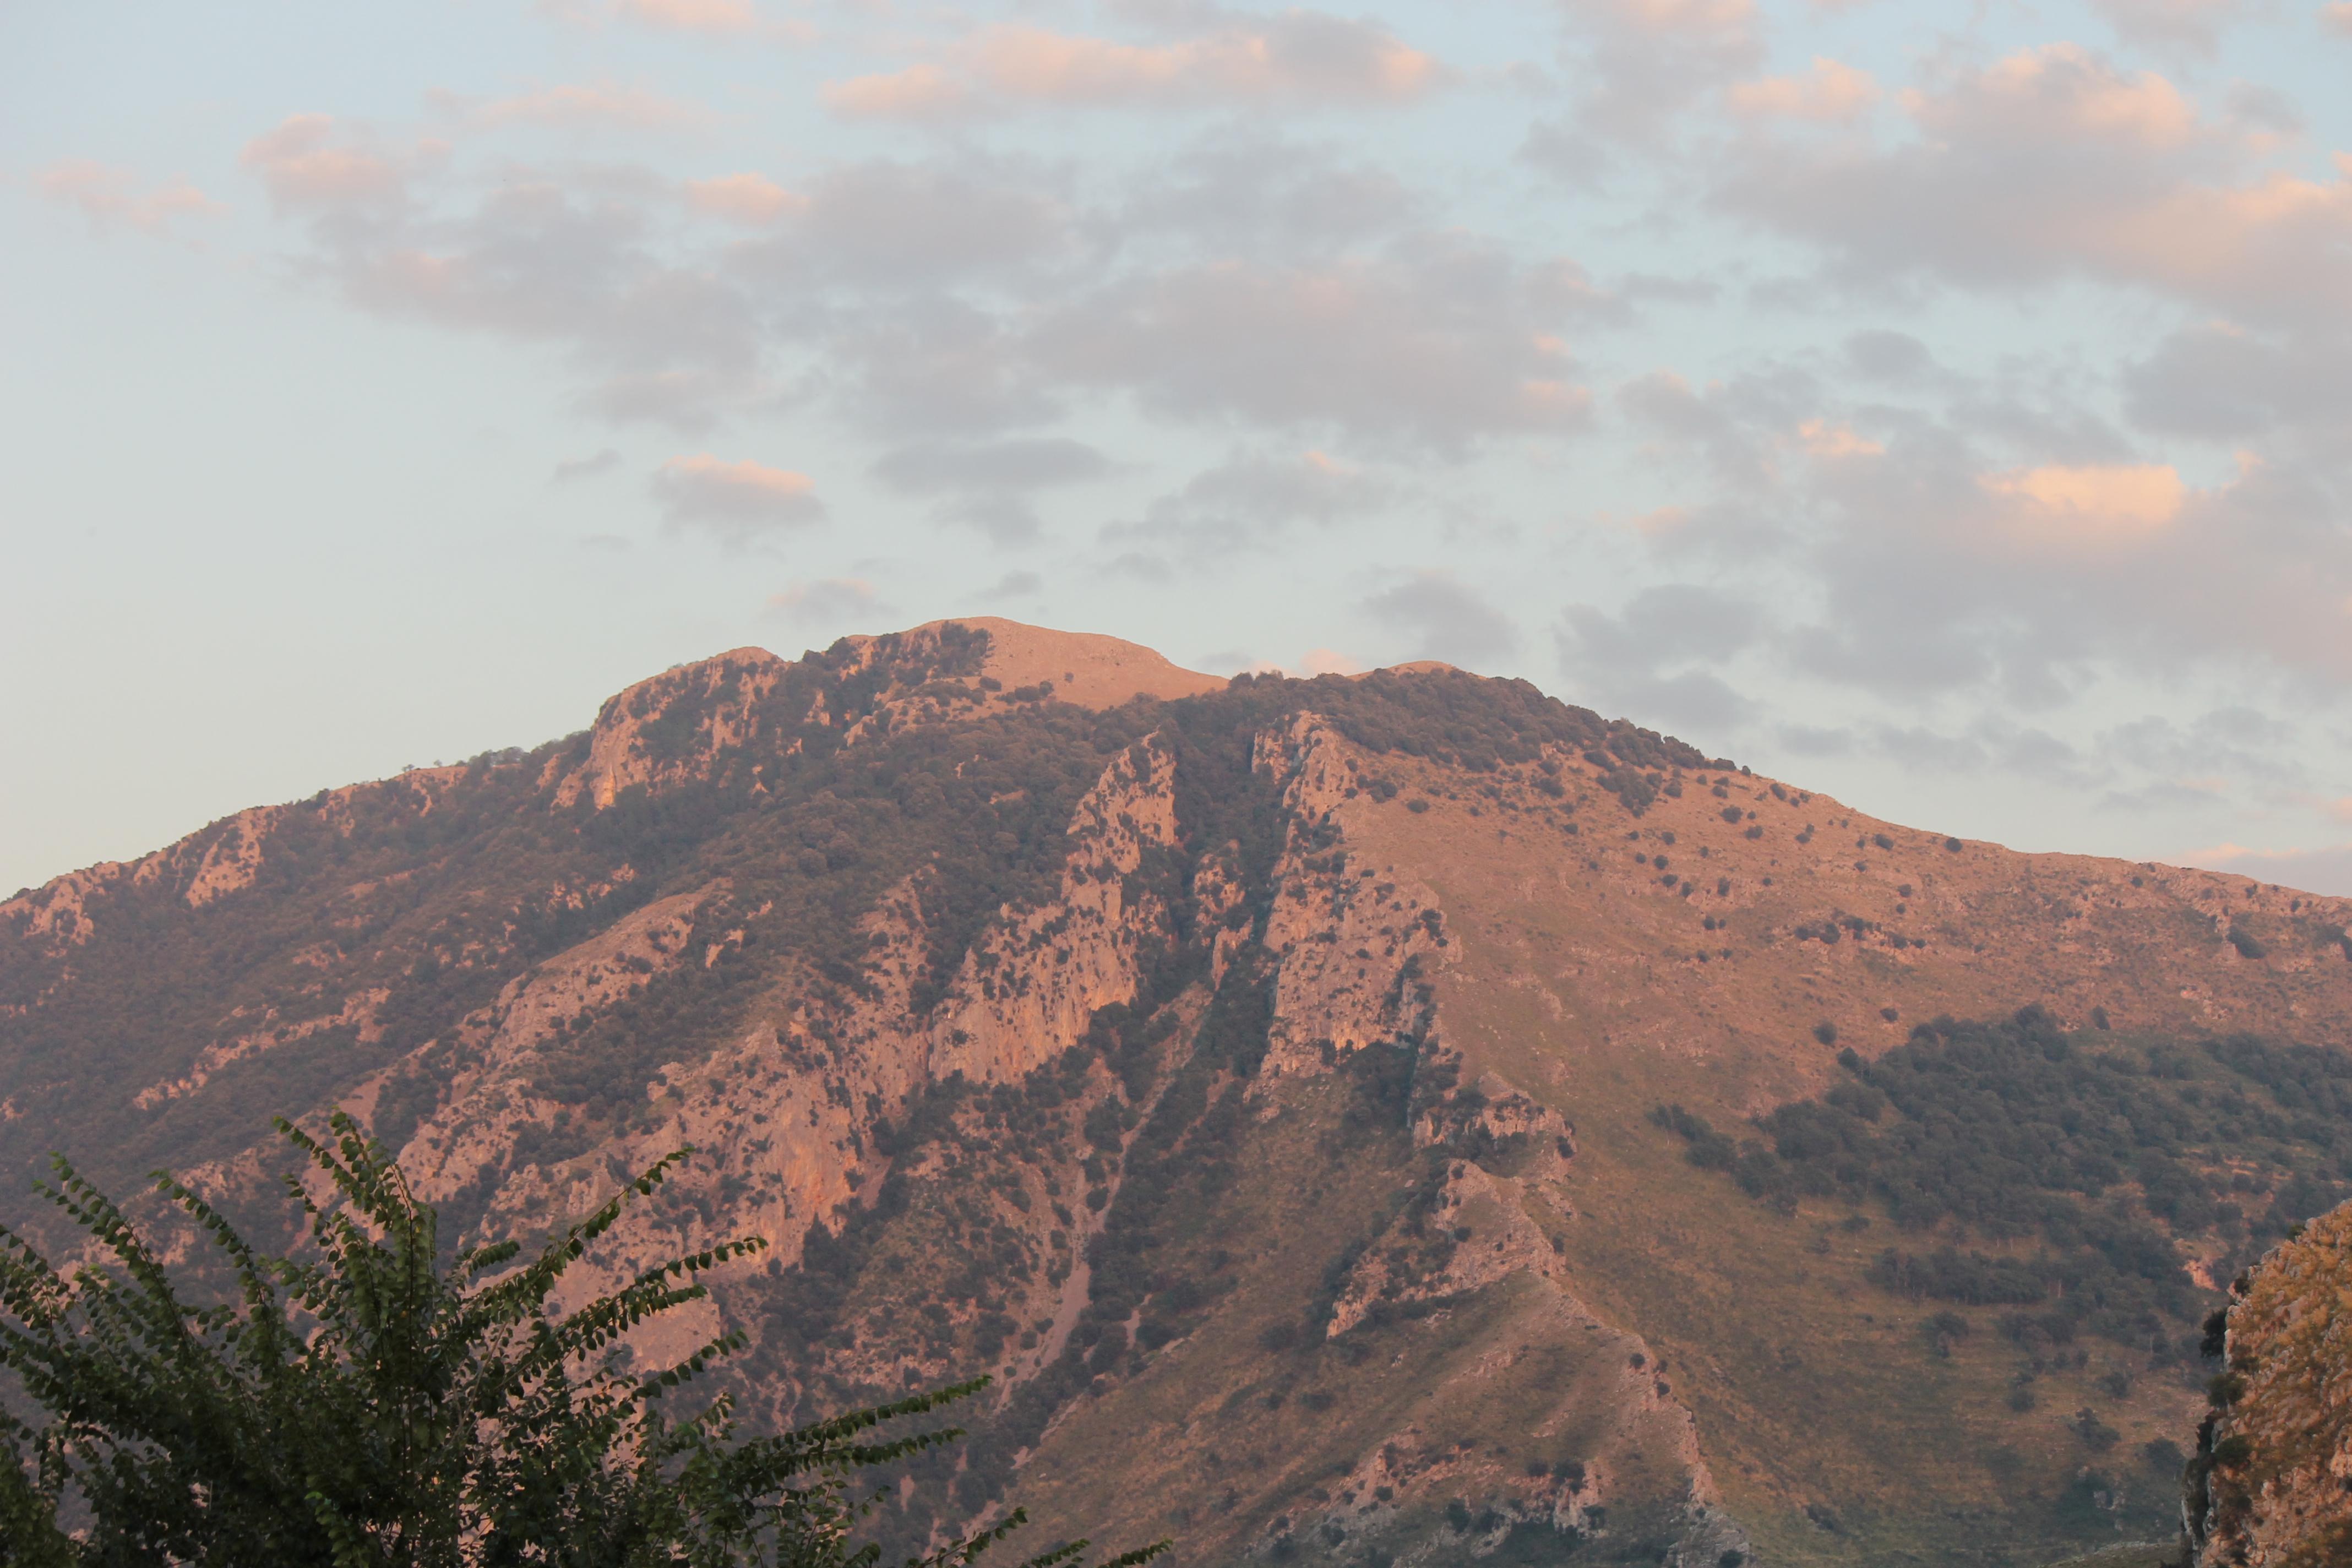 Il Monte Bulgheria rosa al tramonto, da Foria (fotografia di Gisella Forte)